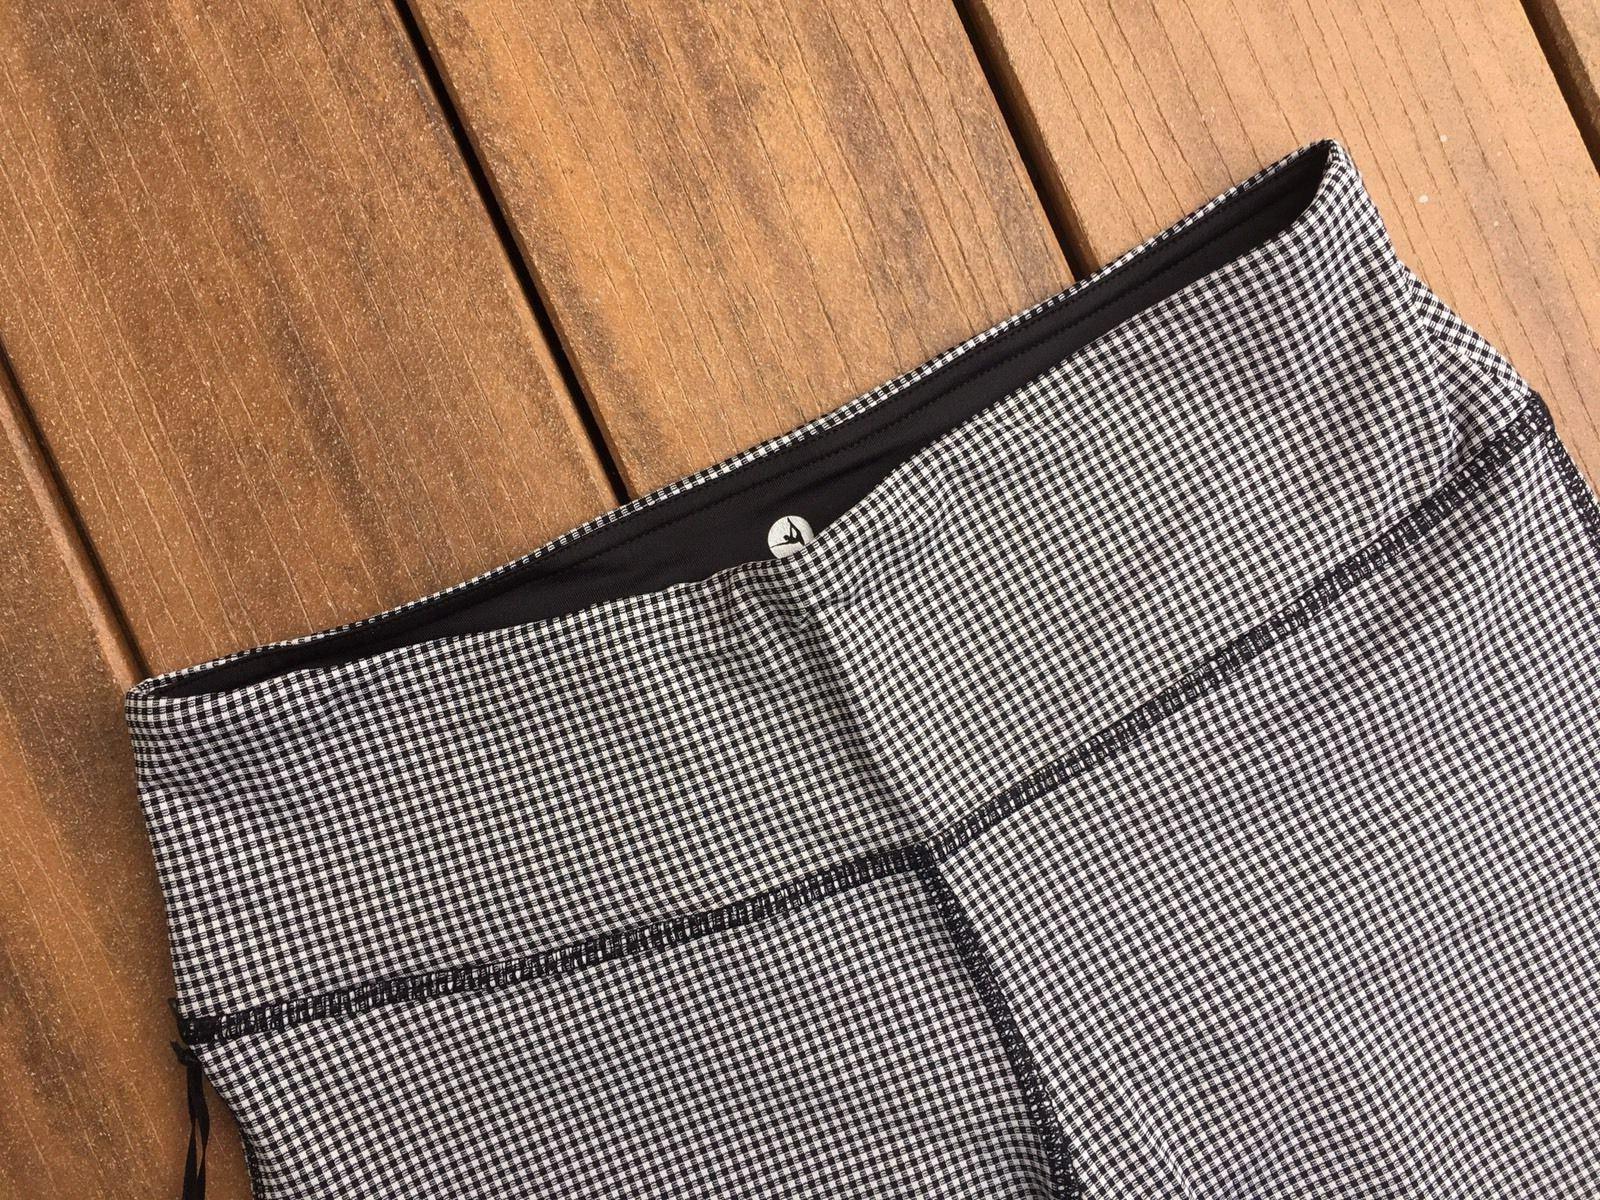 New 90 Performance Capri Black White Check XS, S